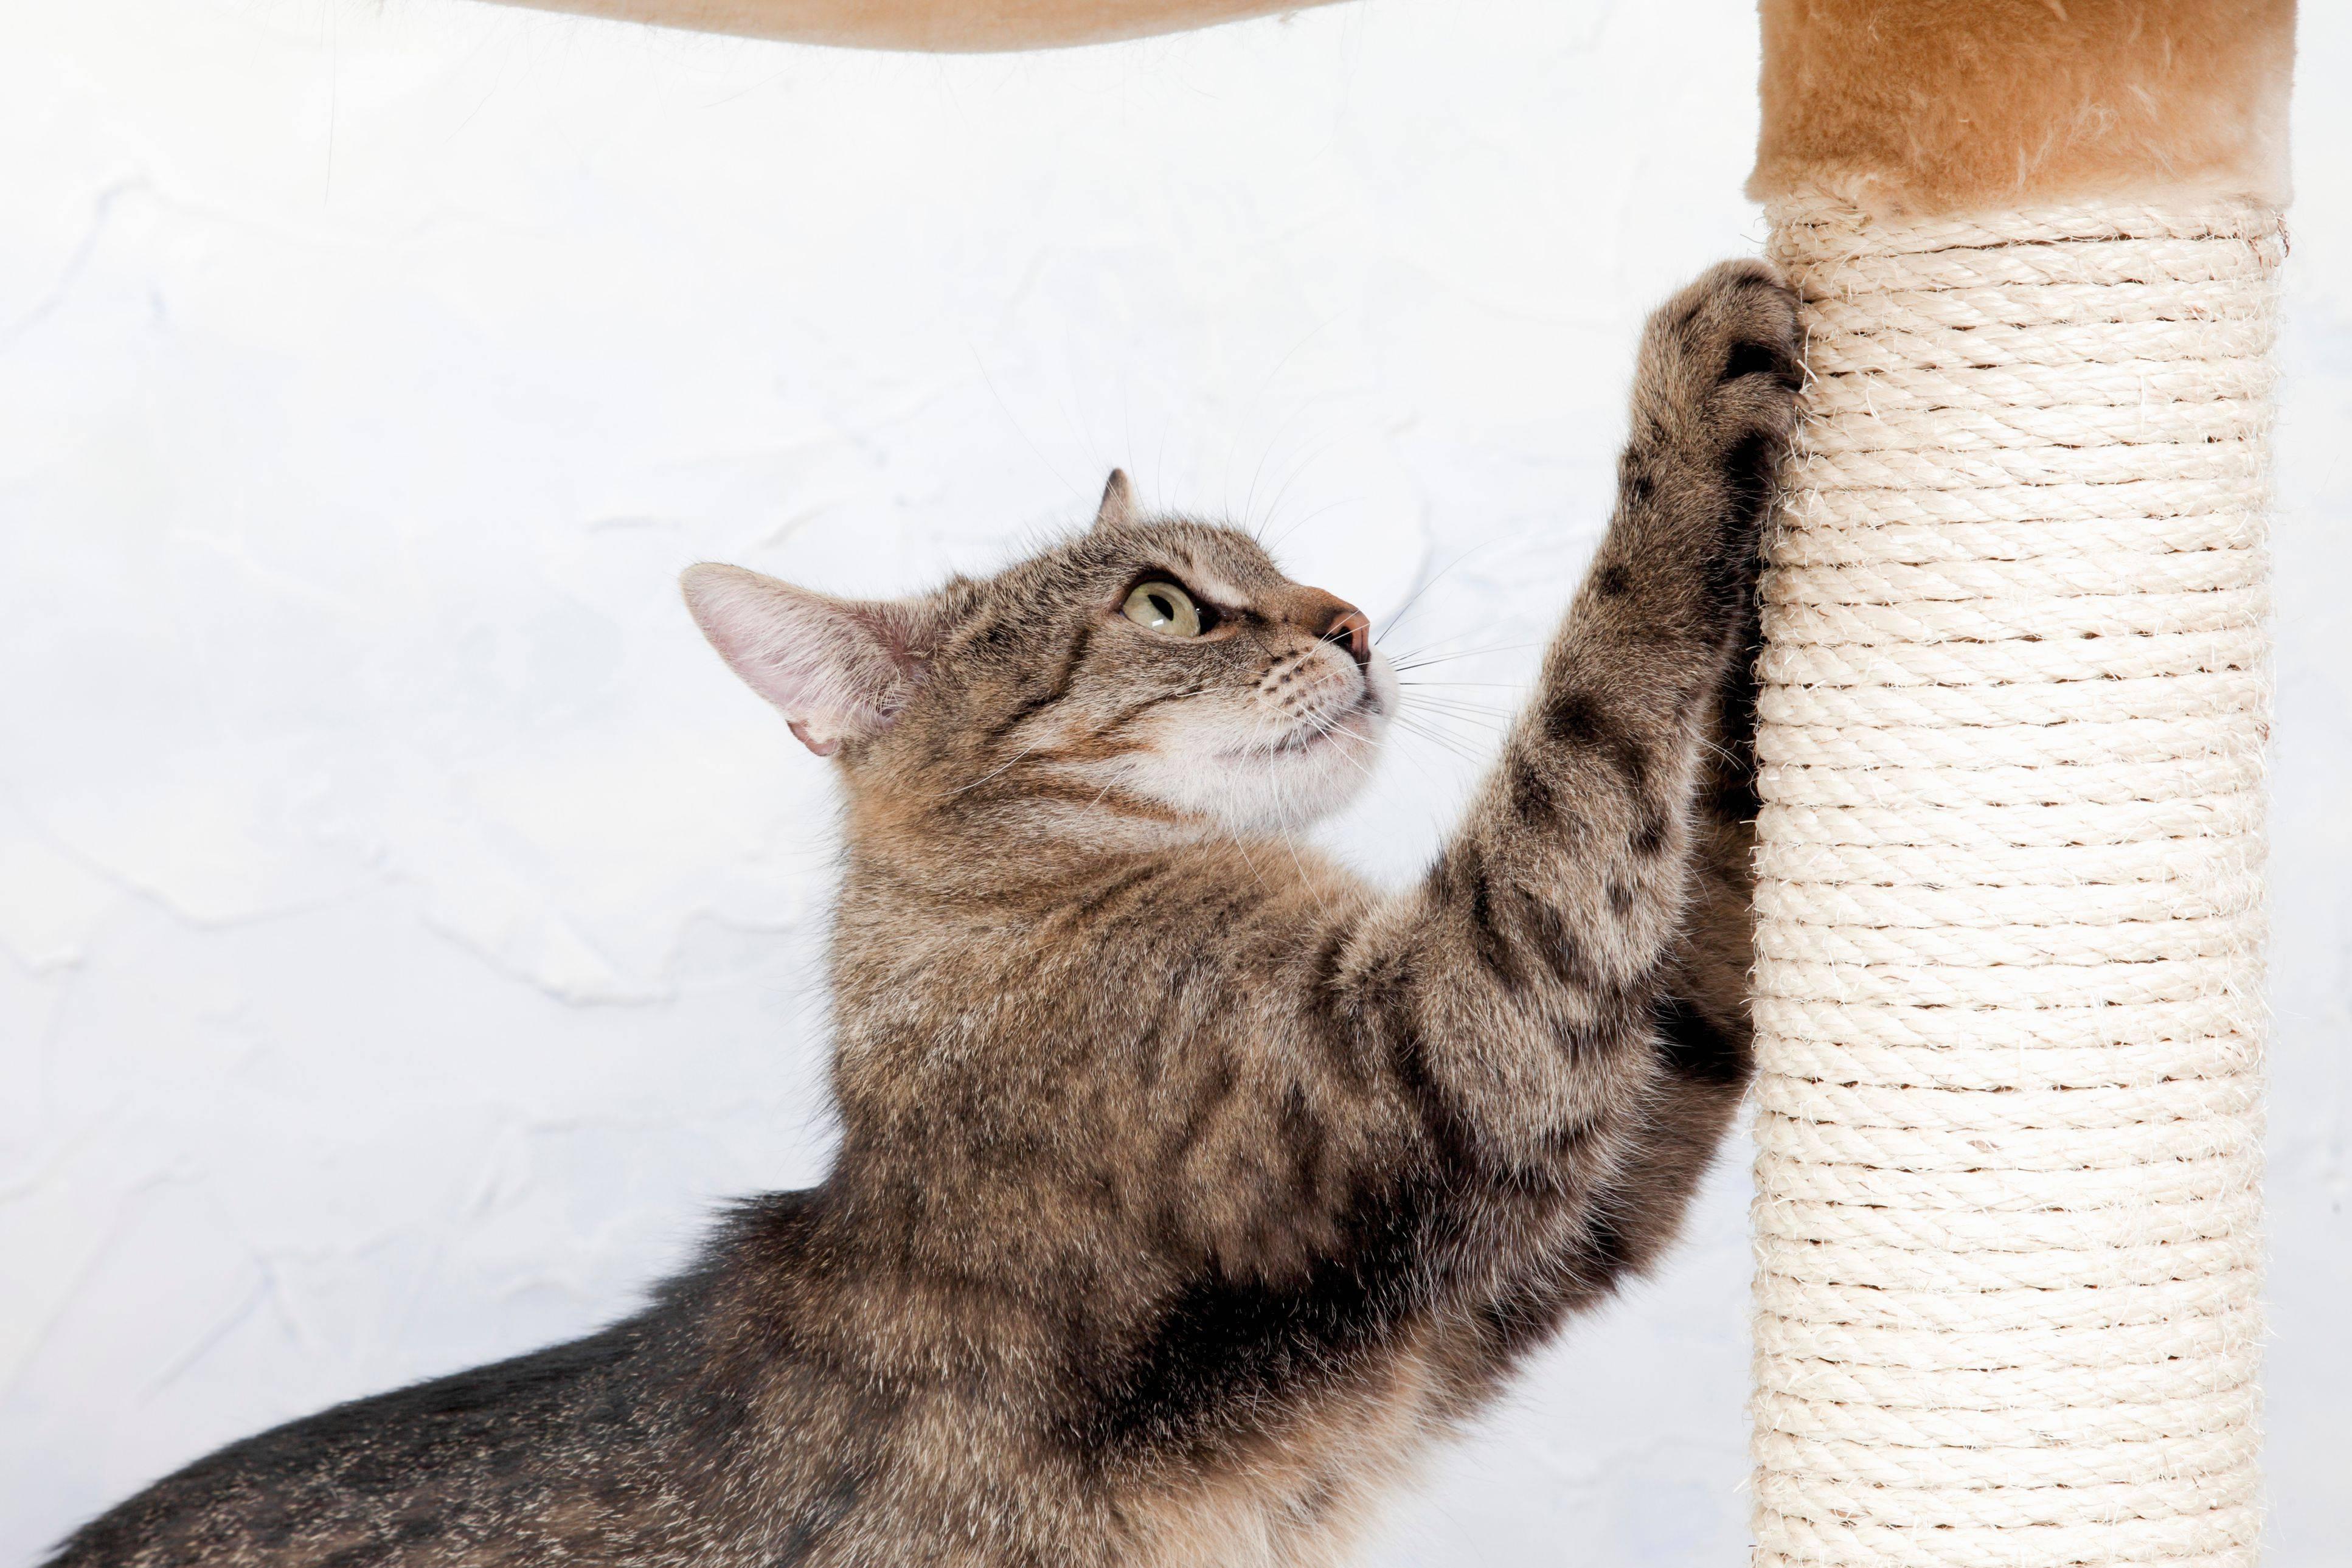 Как отучить кошку драть обои и мебель, что делать если кот их царапает как отучить кошку драть обои и мебель, что делать если кот их царапает